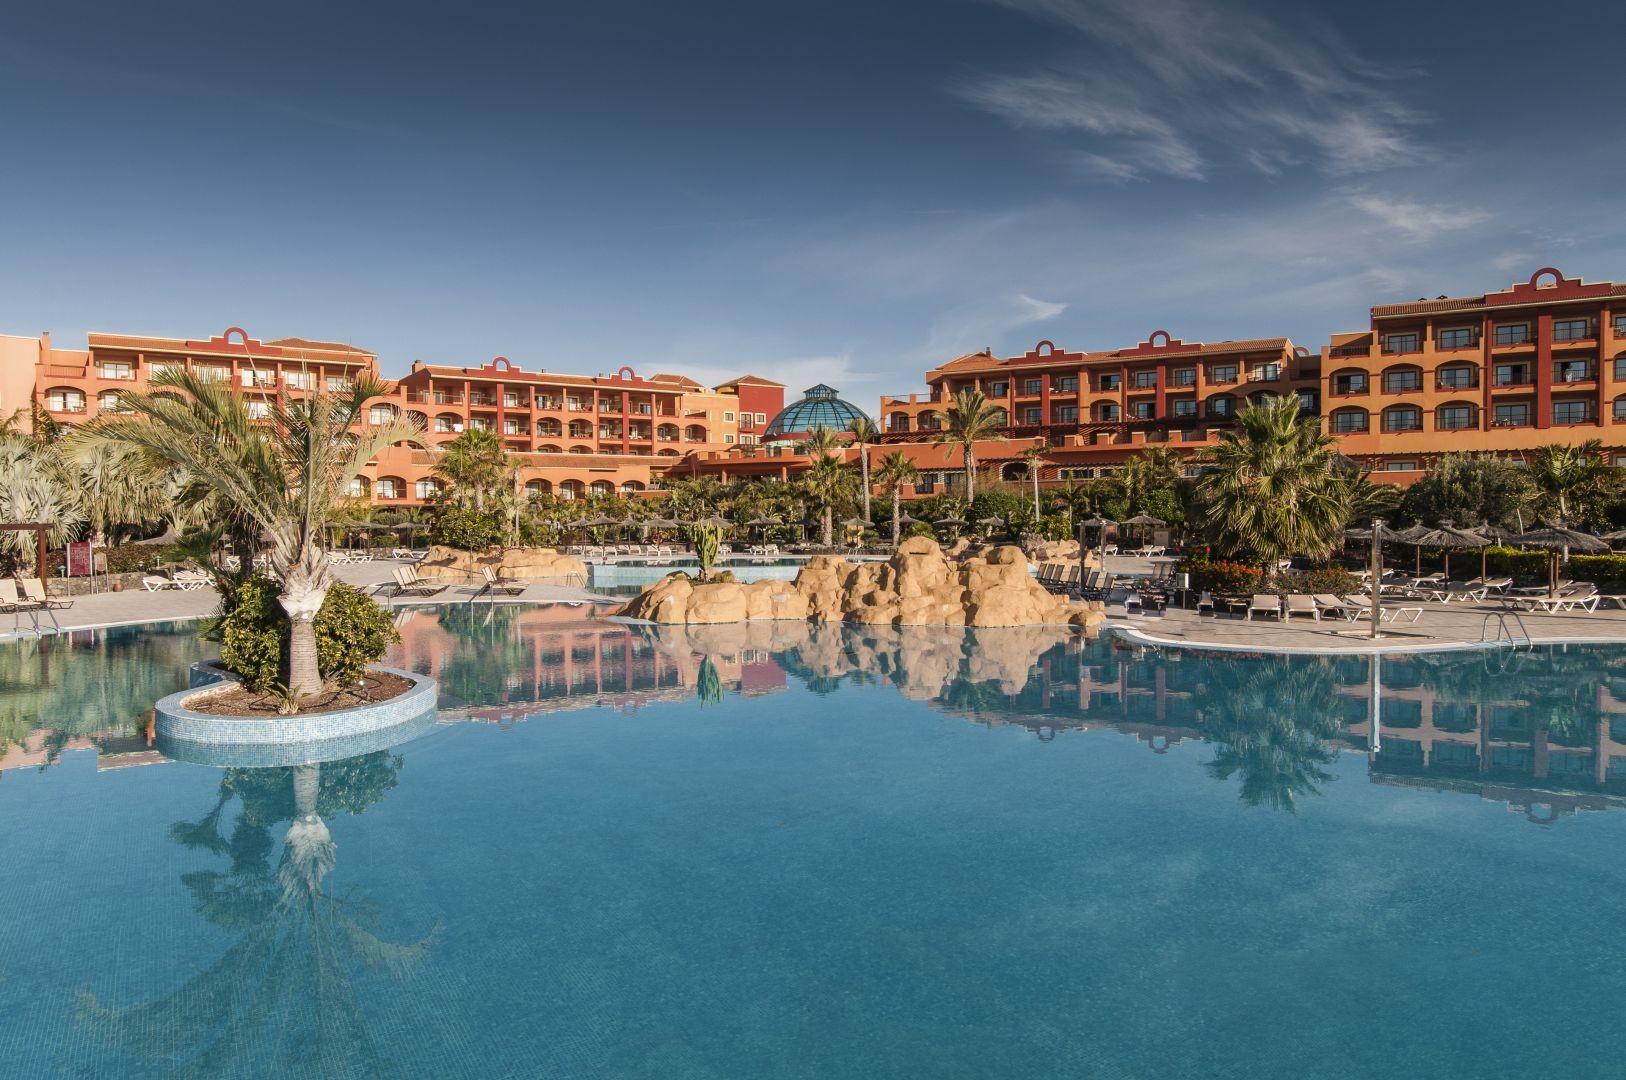 Hotel Resort Fuerteventura